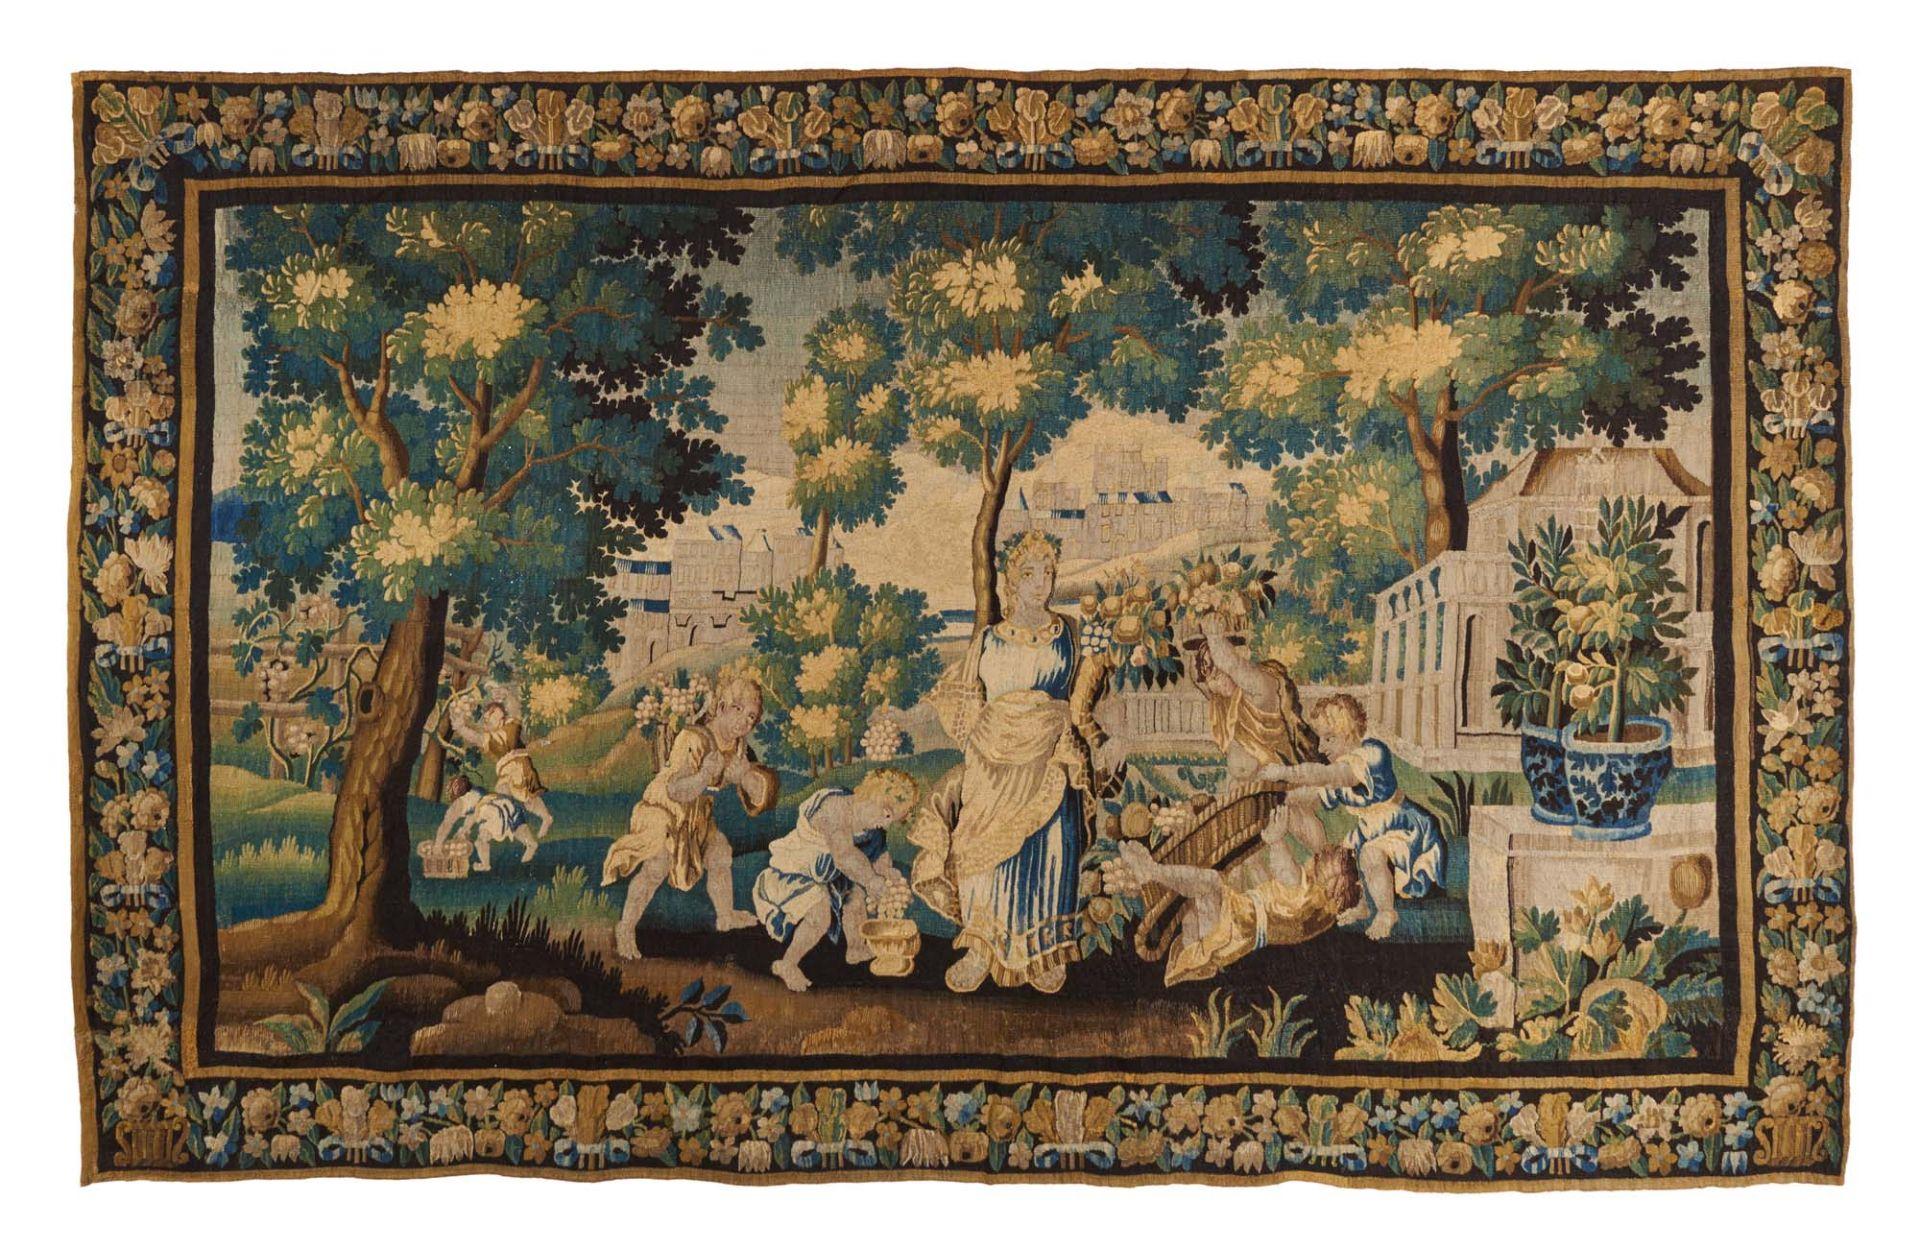 TAPISSERIE MIT ALLEGORISCHER SZENE. Um 1700. Wolle. 416x255cm. Zustand B/C.  Sonderregelungen Art &